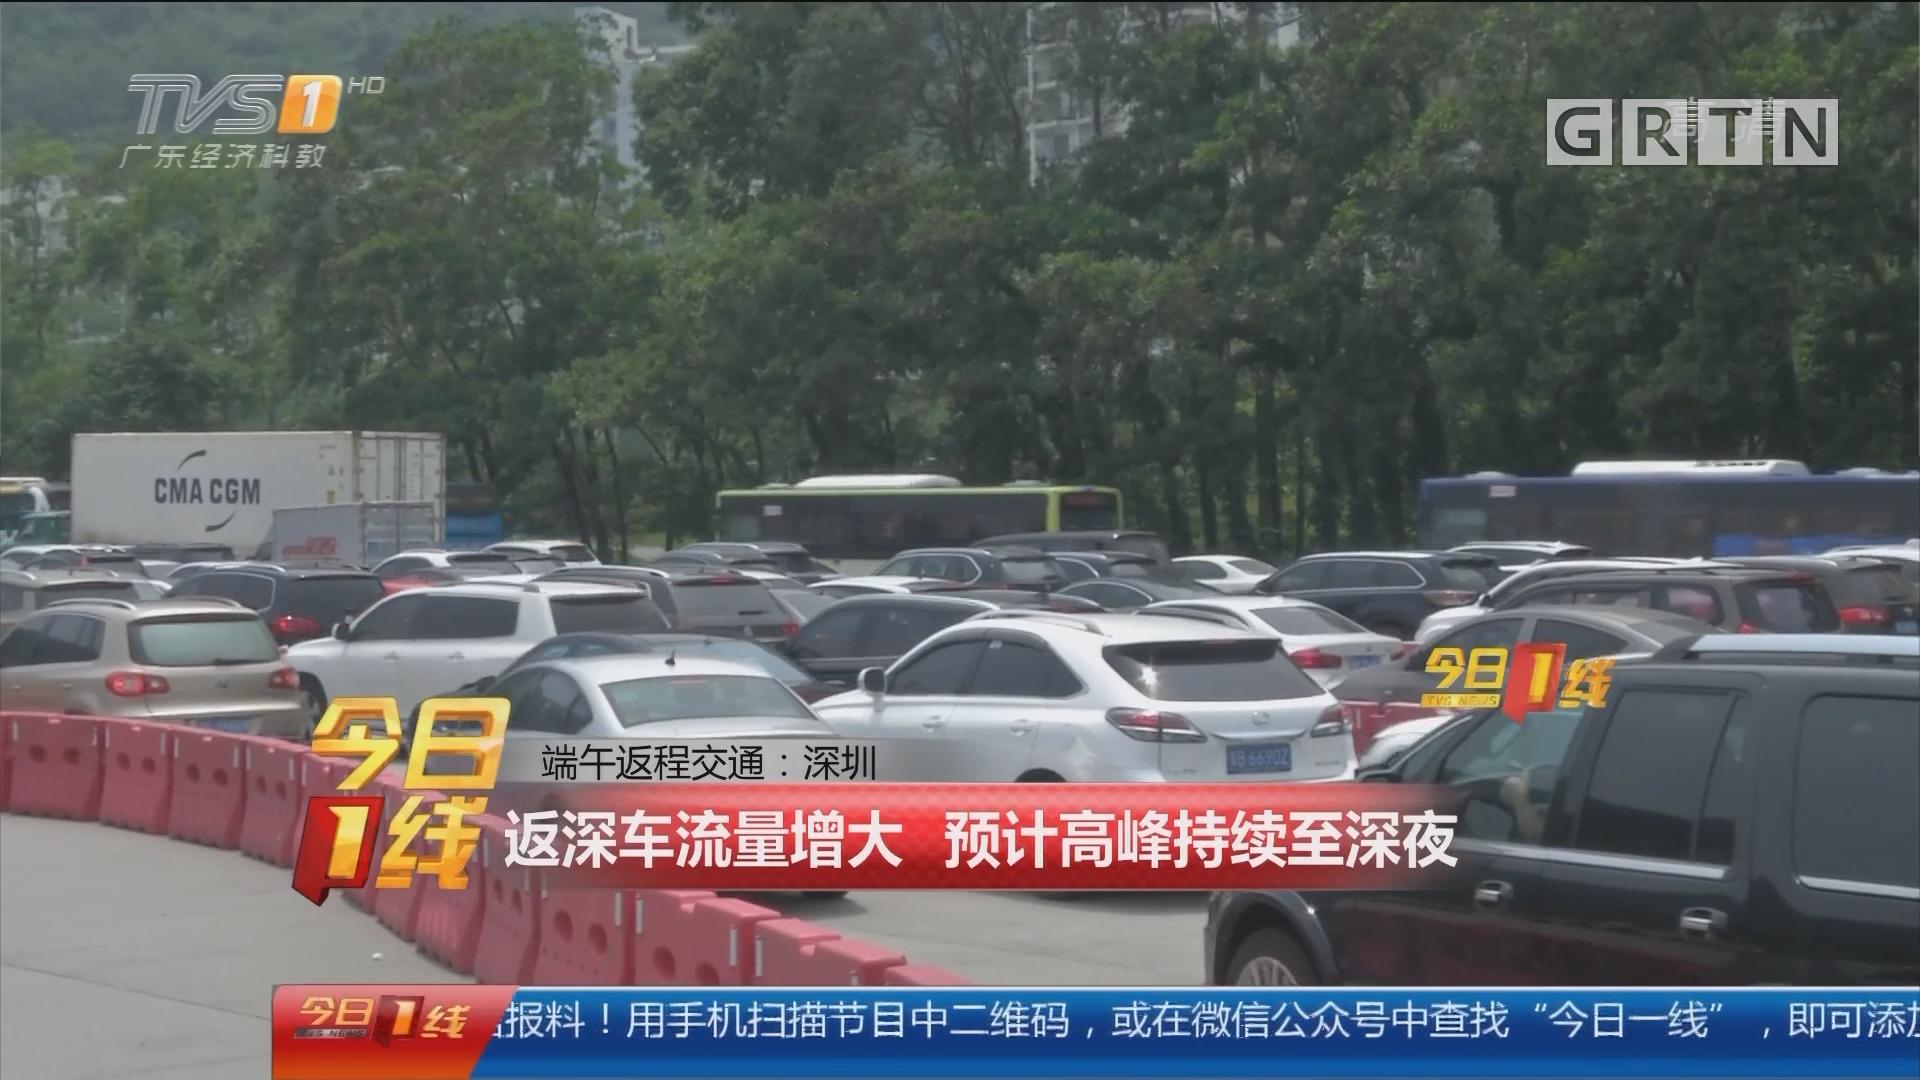 端午返程交通:深圳 返深车流量增大 预计高峰持续至深夜